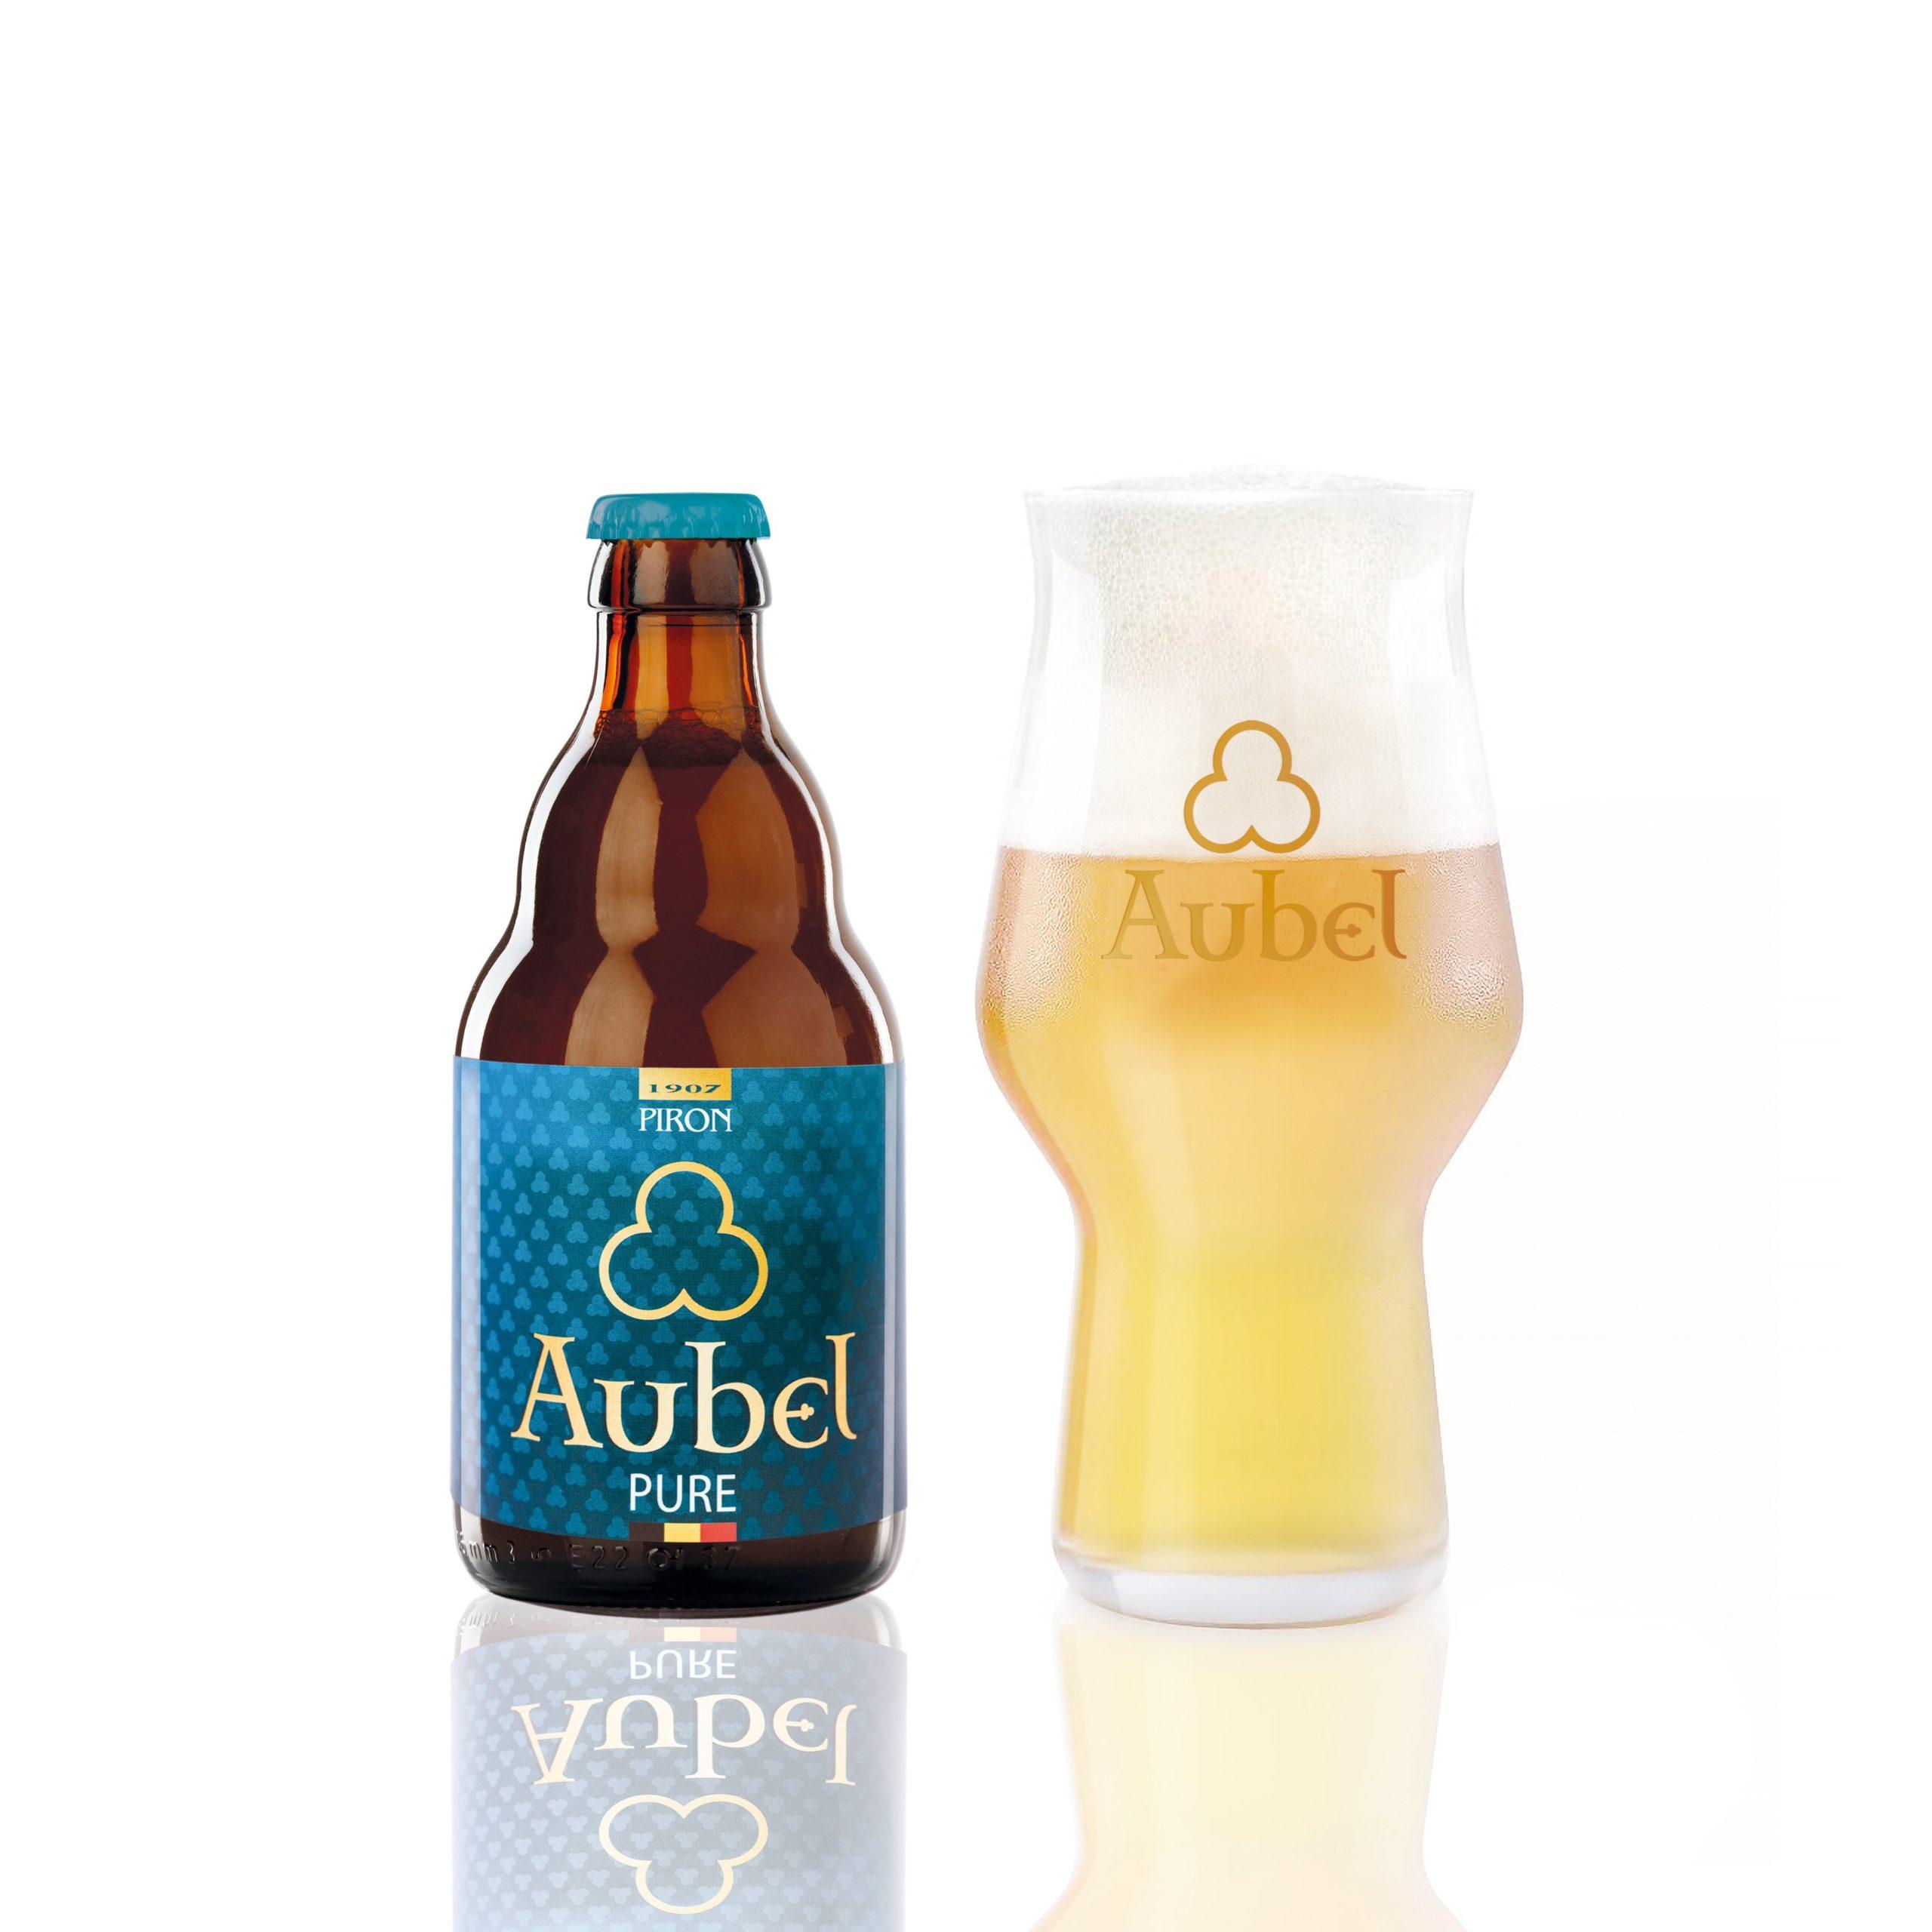 Aubel Pure